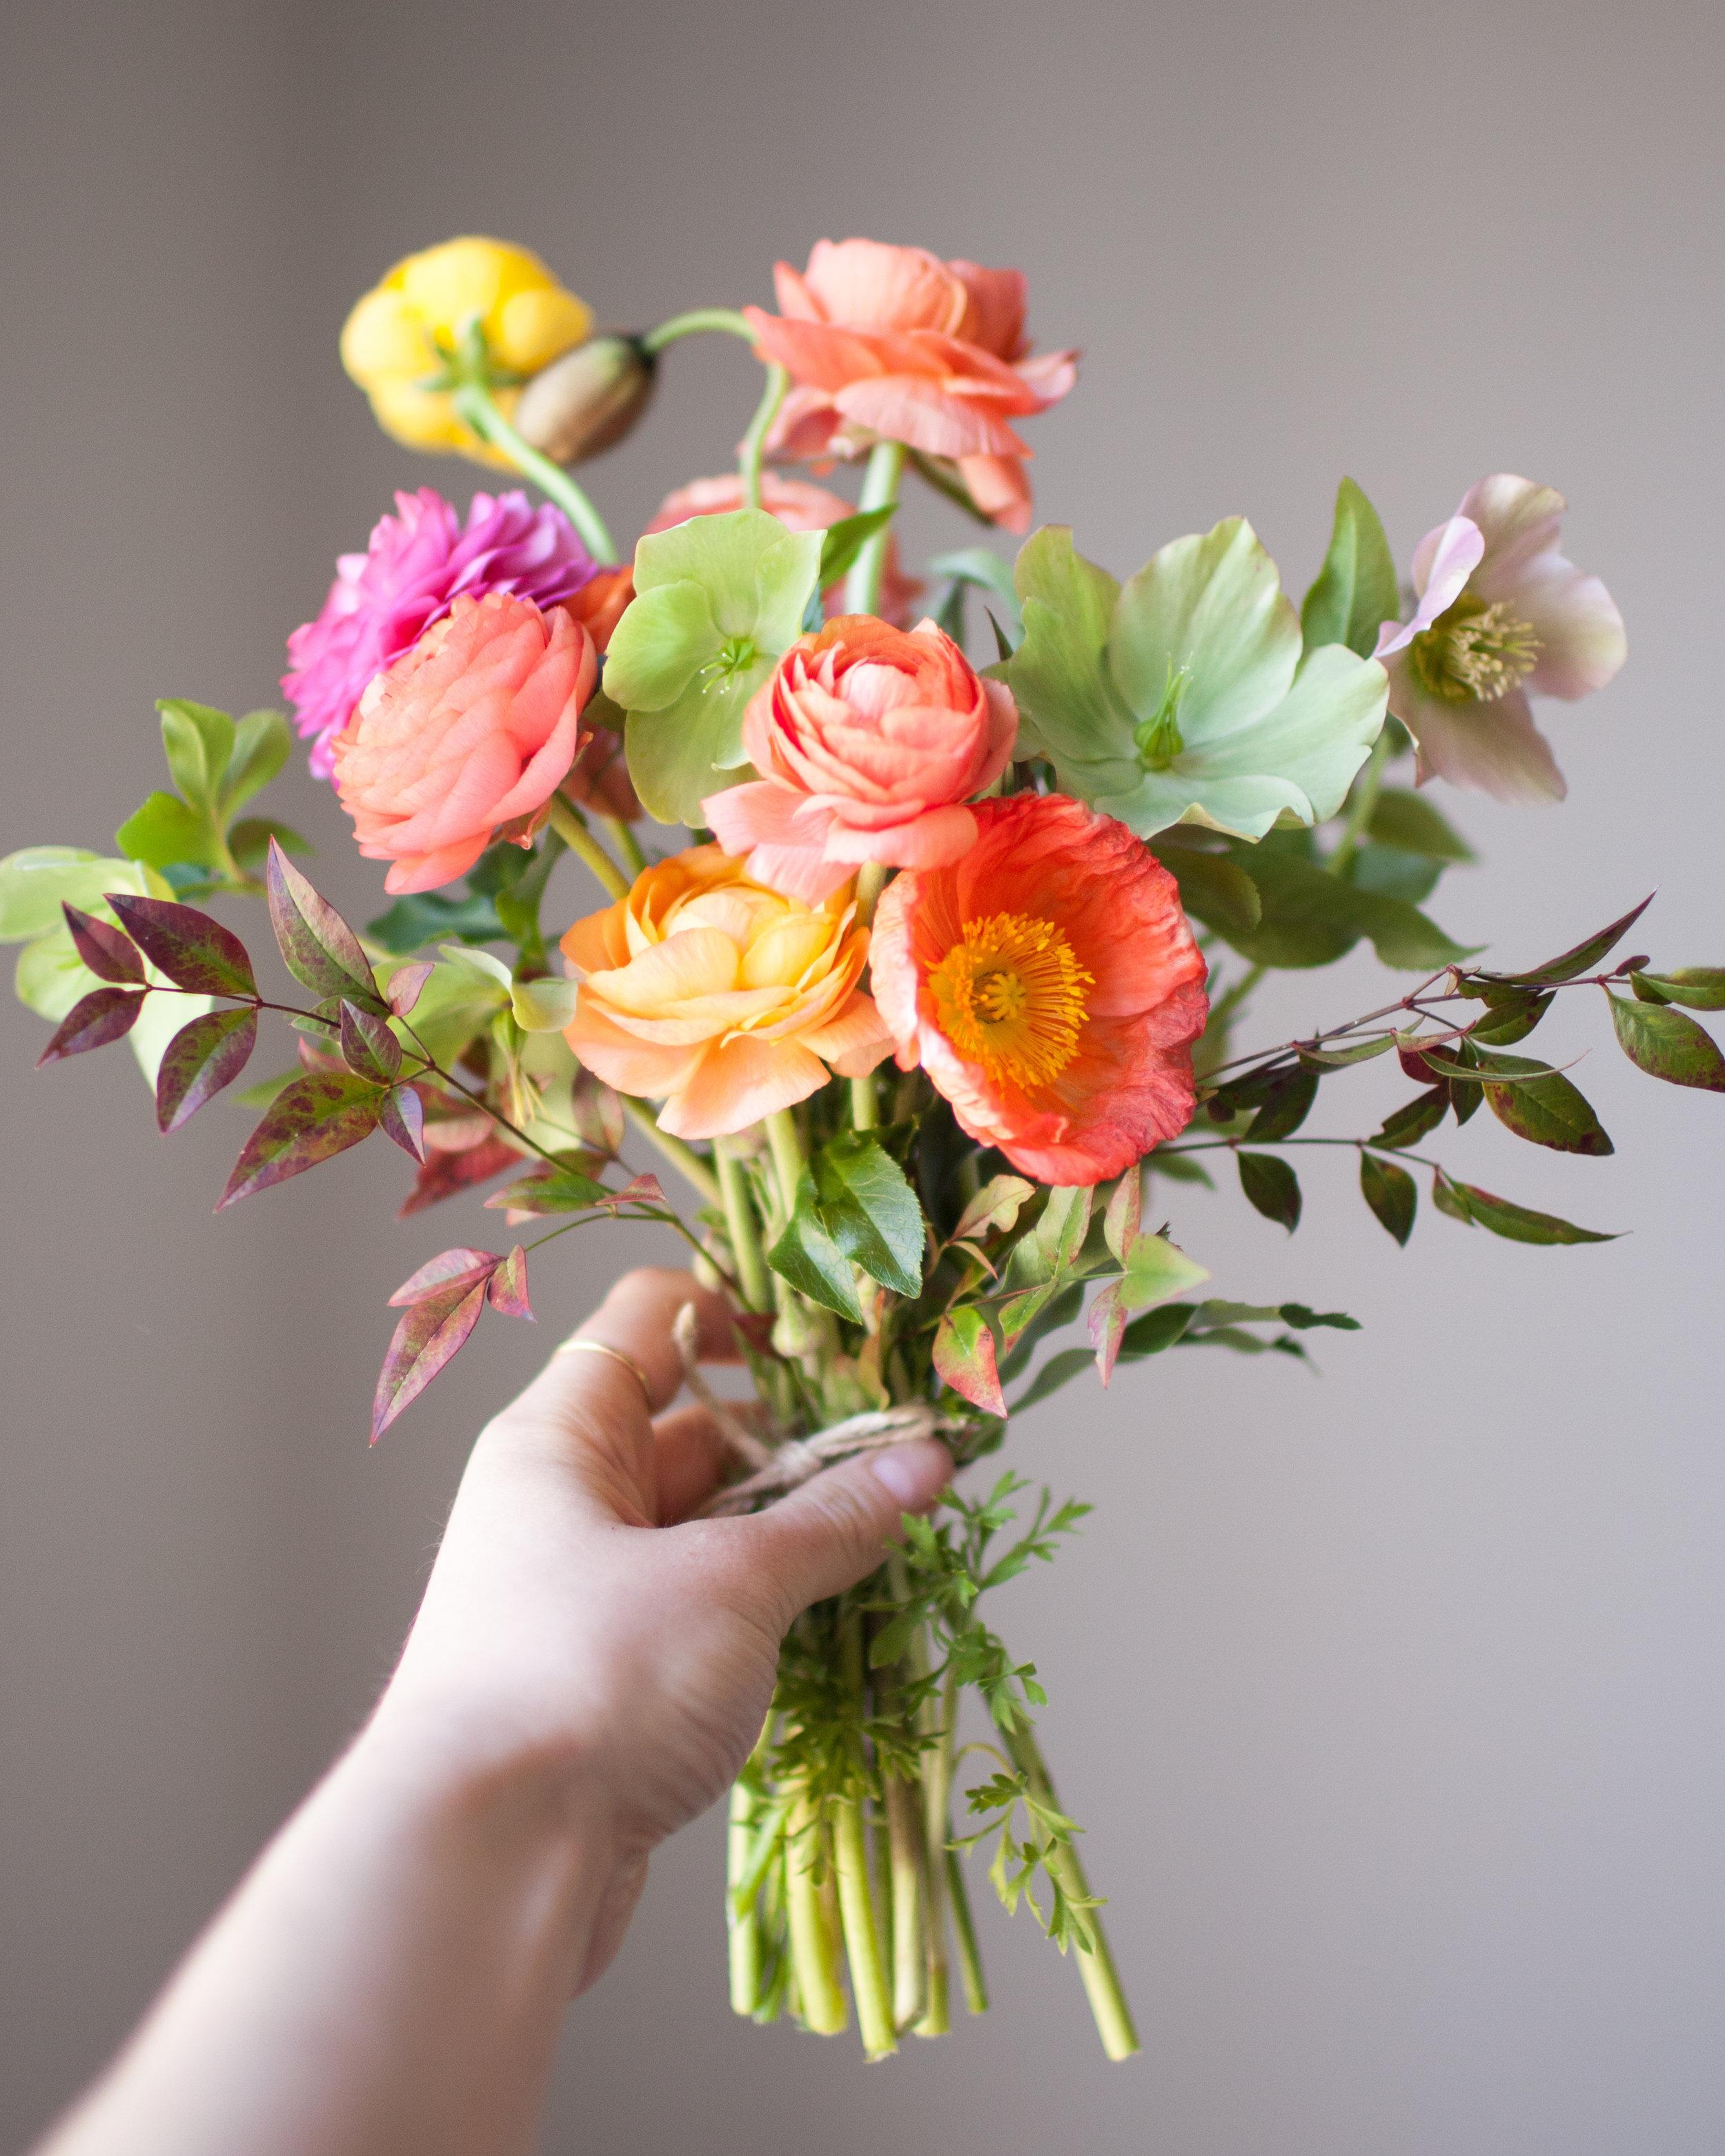 florals-march24-66.jpg